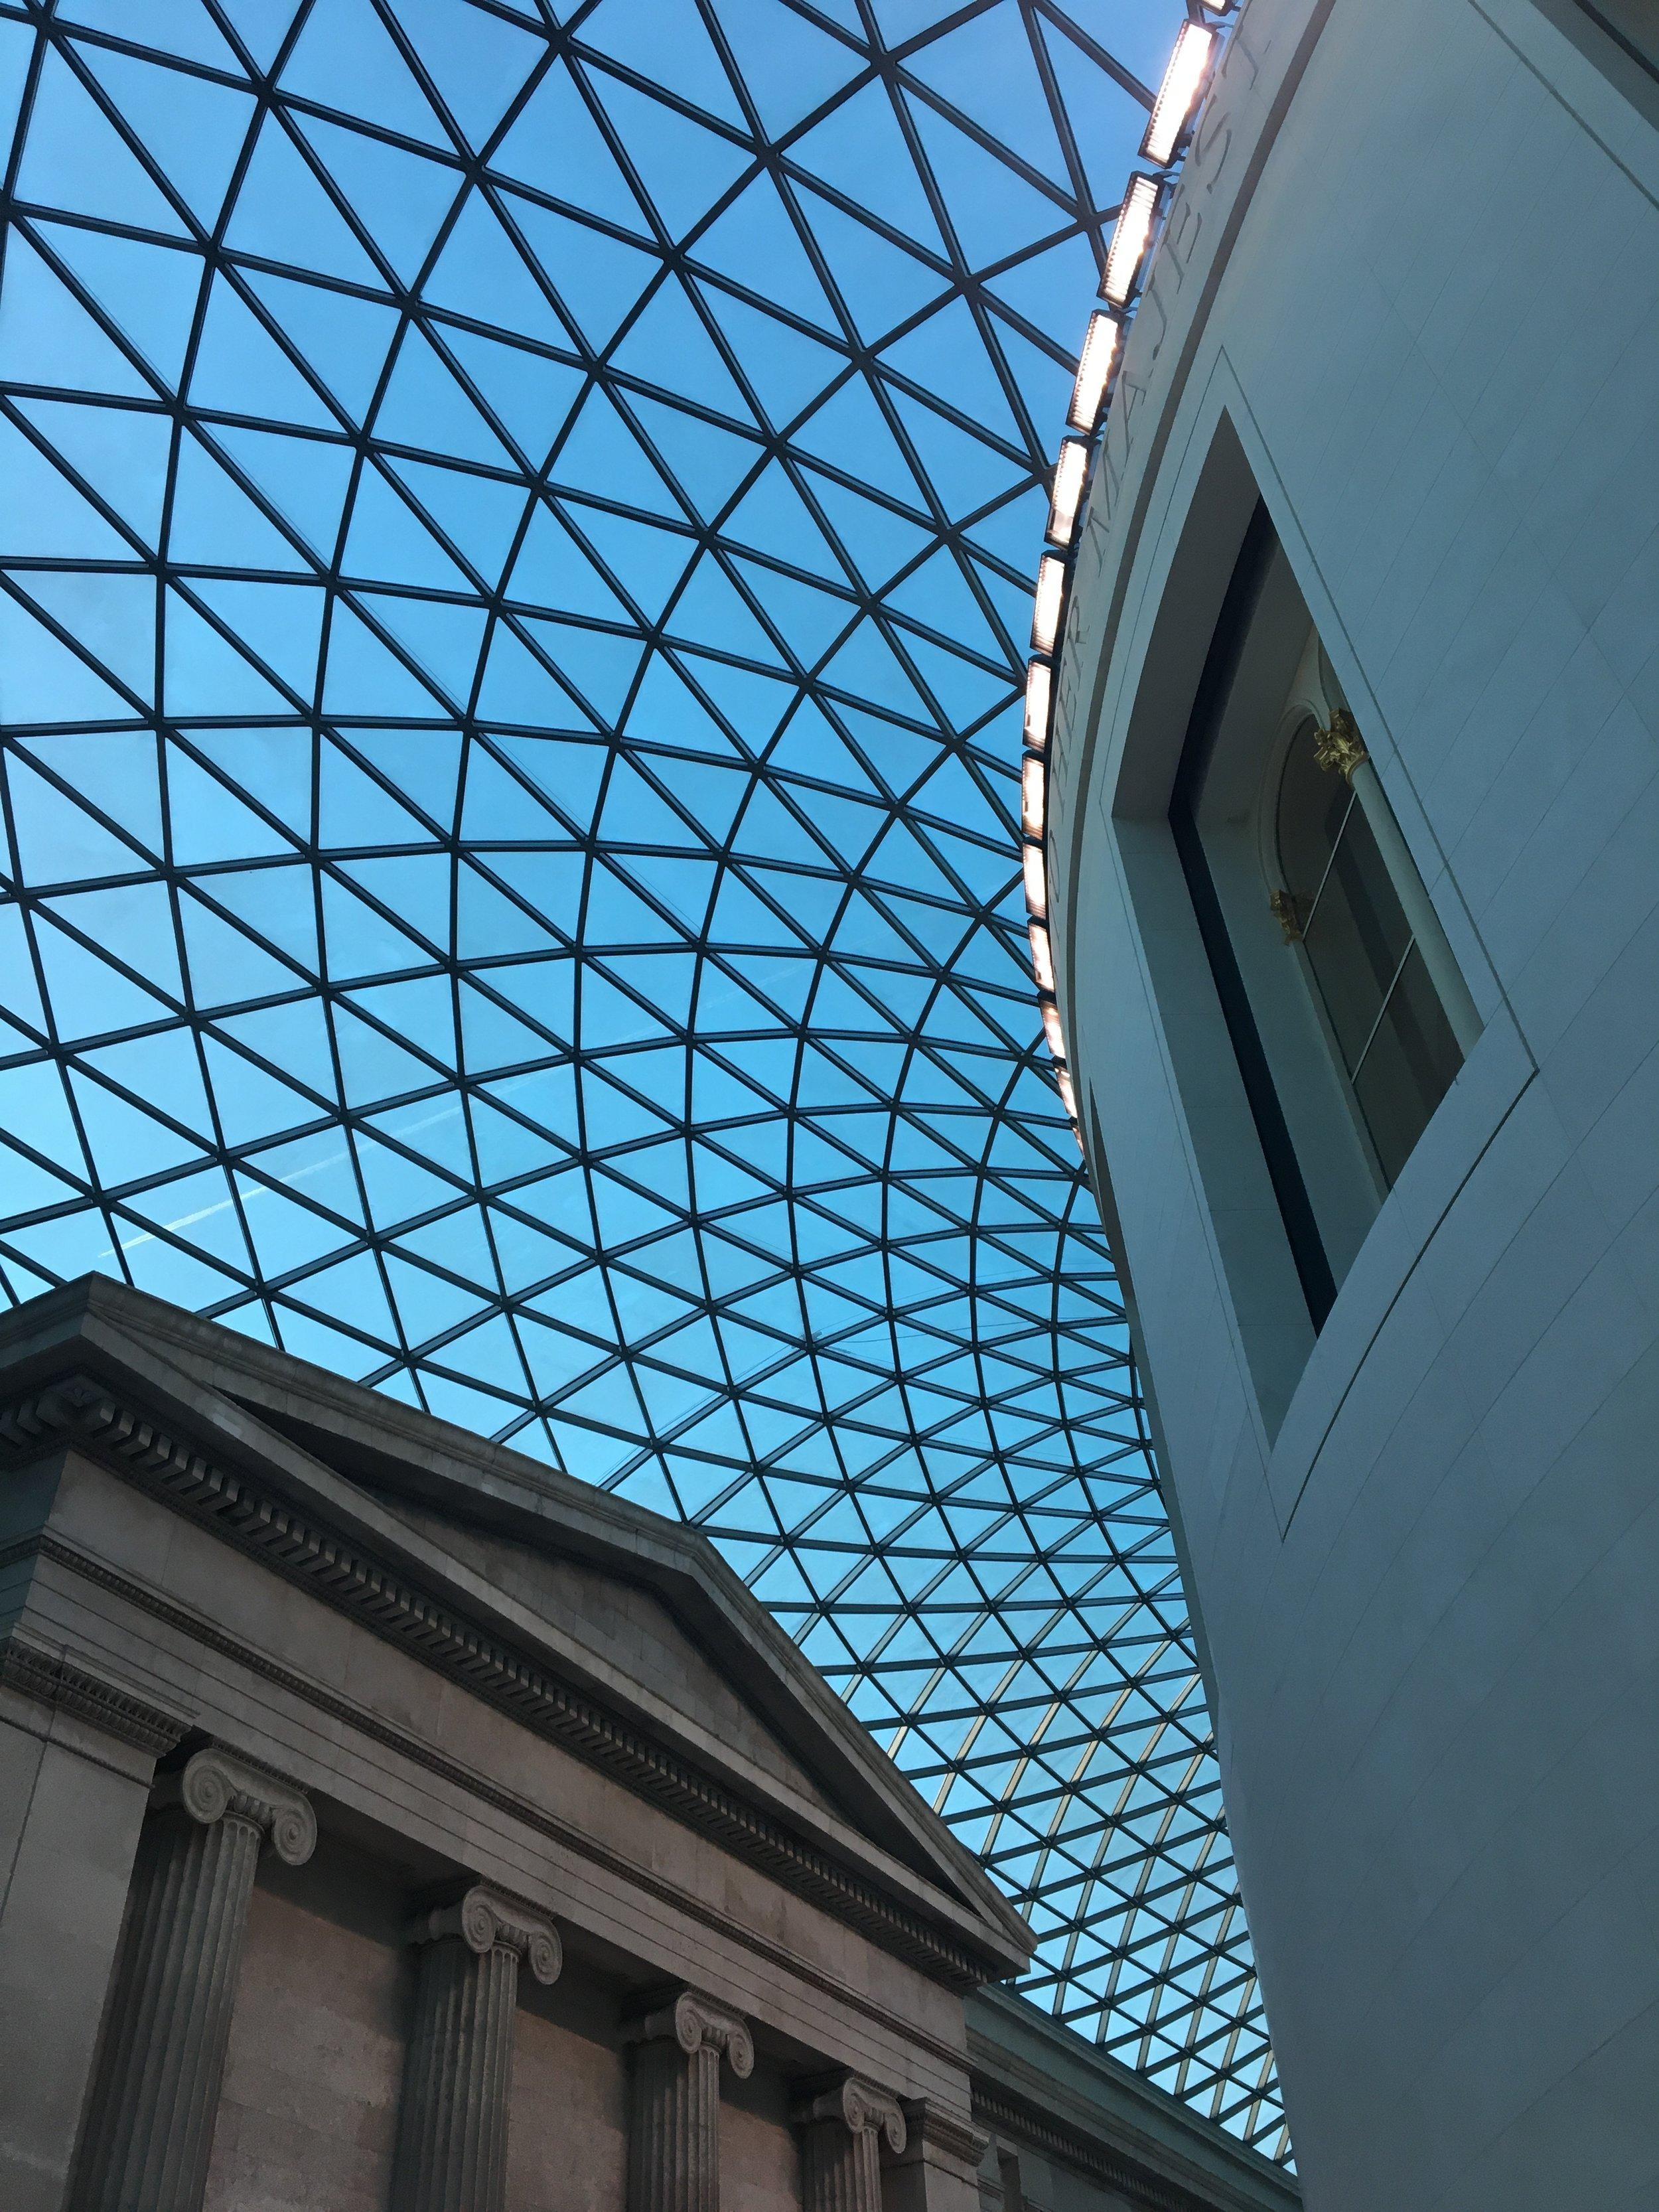 The British Museum's main hall.